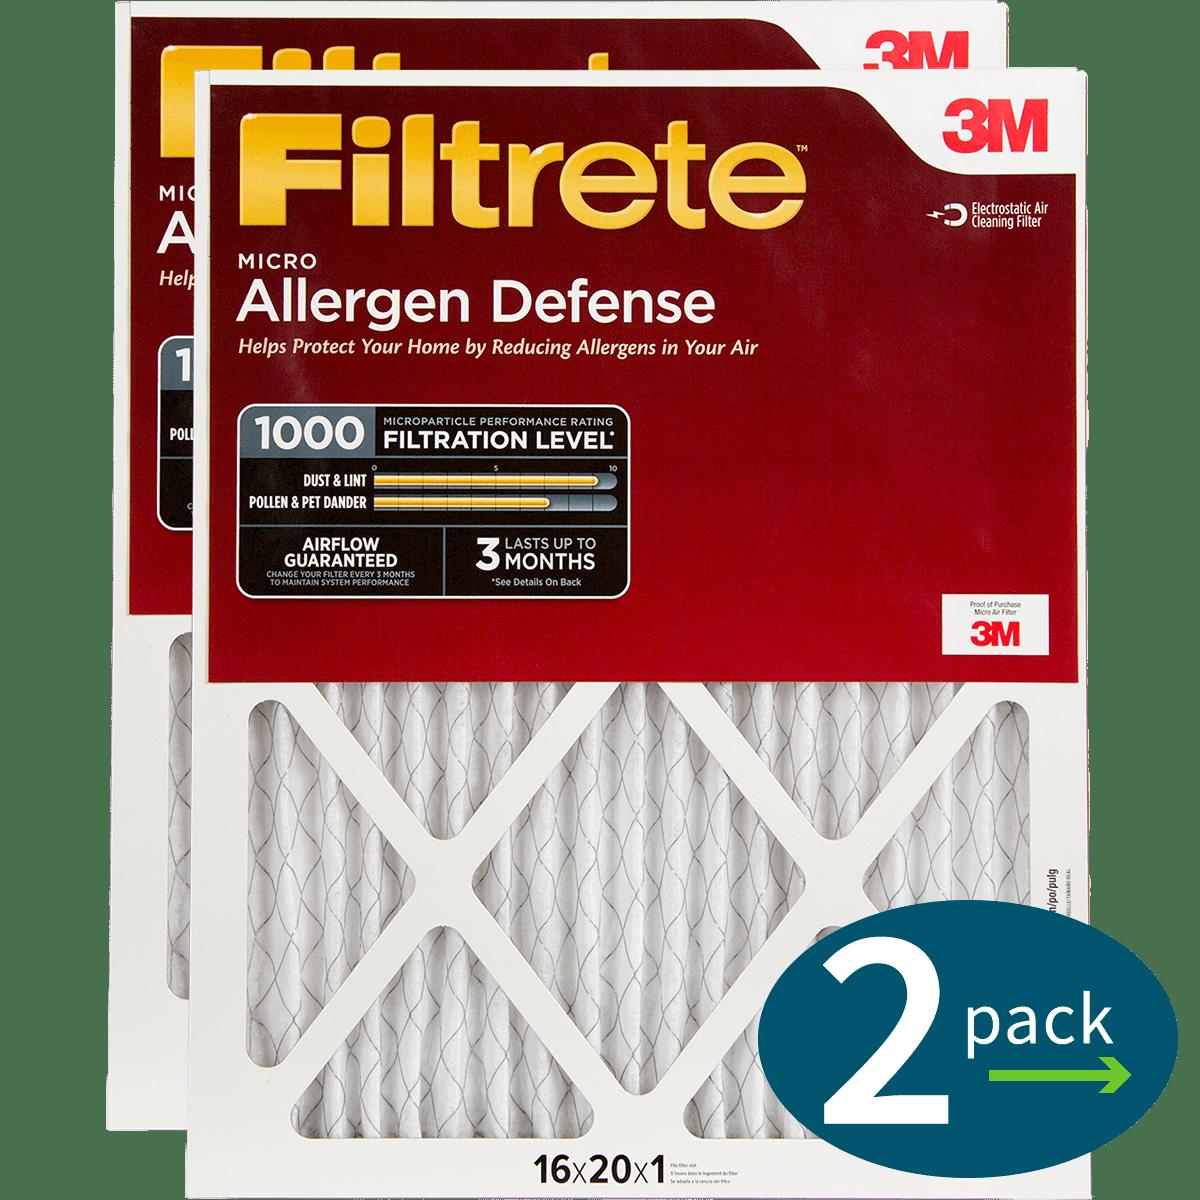 3M Filtrete 1-Inch Micro Allergen Defense MPR 1000 Air Filters - 2 Pack fi5407